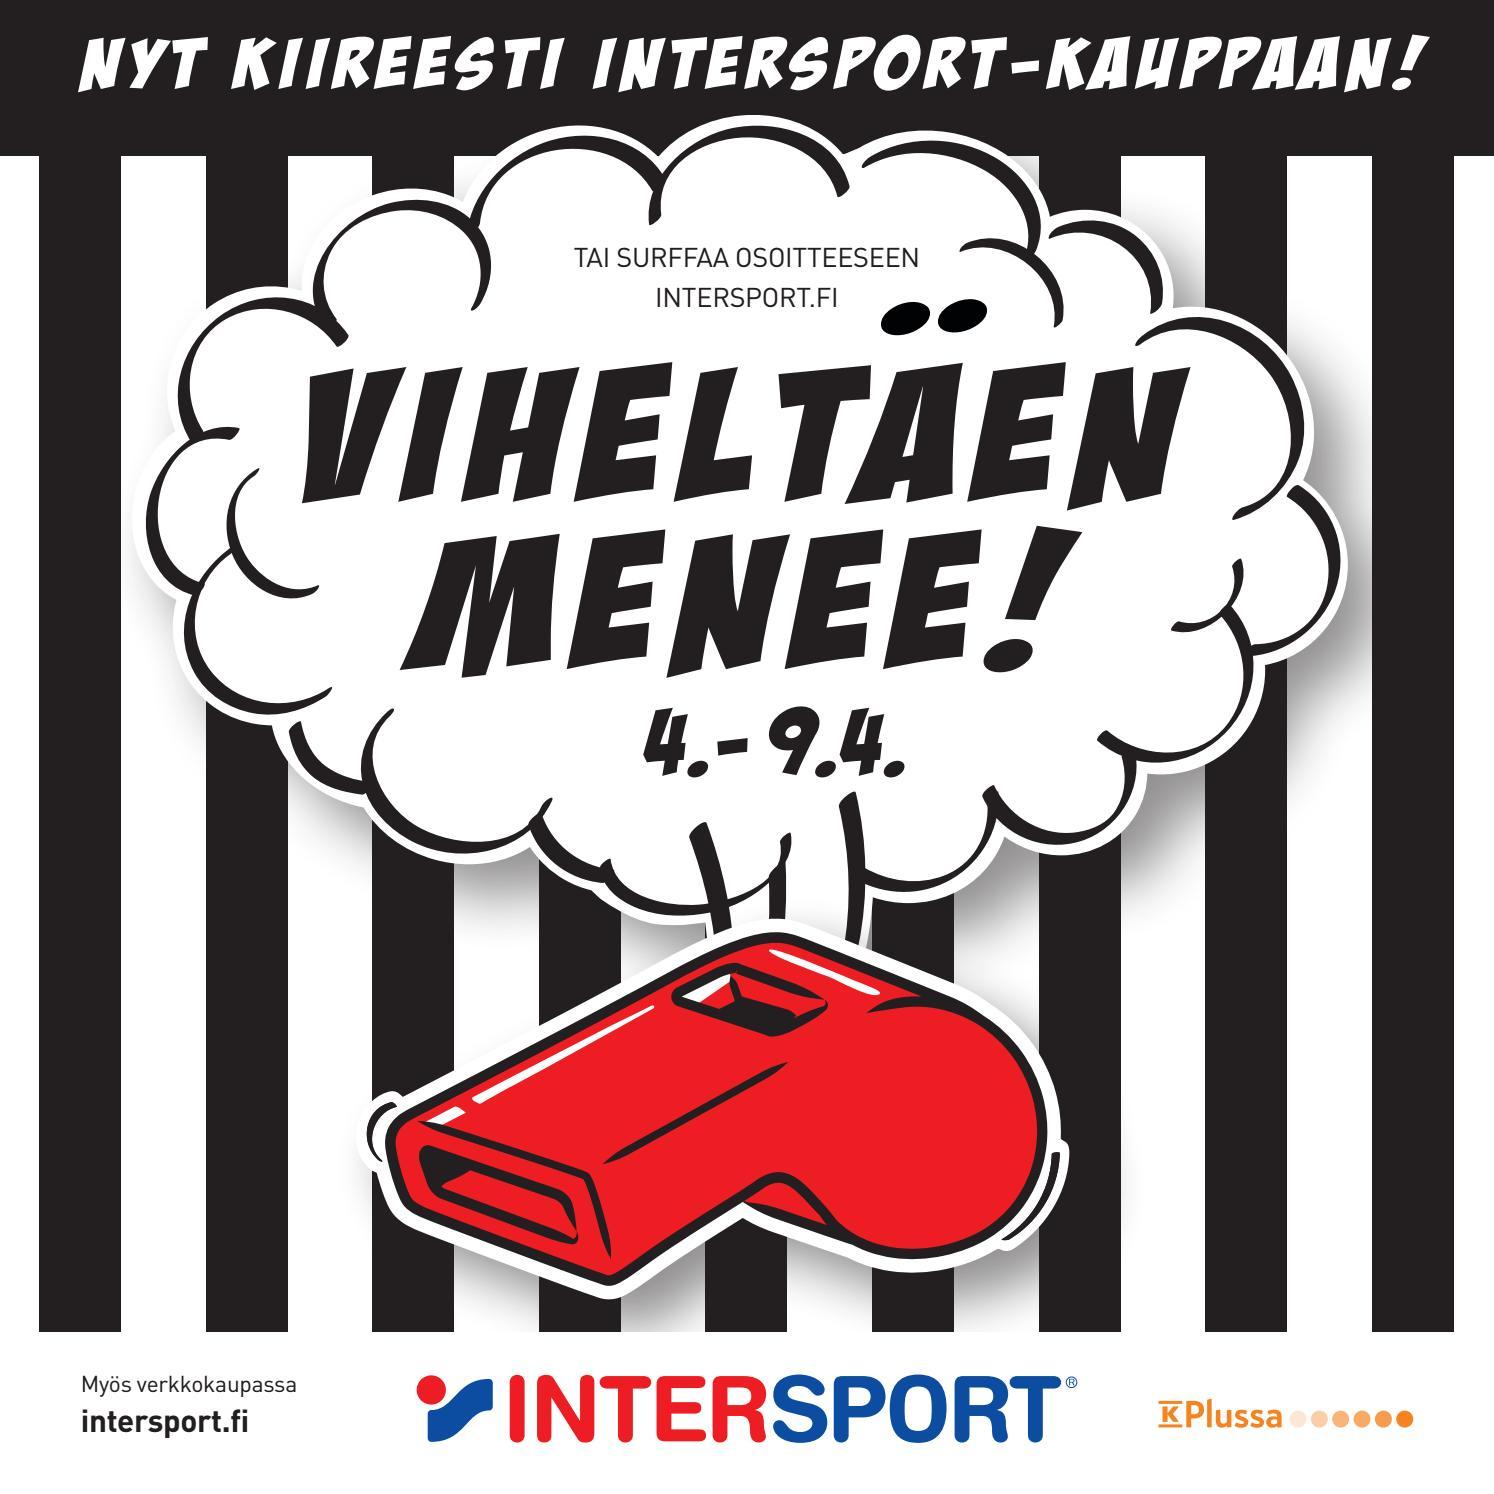 Viheltäen menee 4.-9.4. by Intersport Finland - issuu cce18a3311